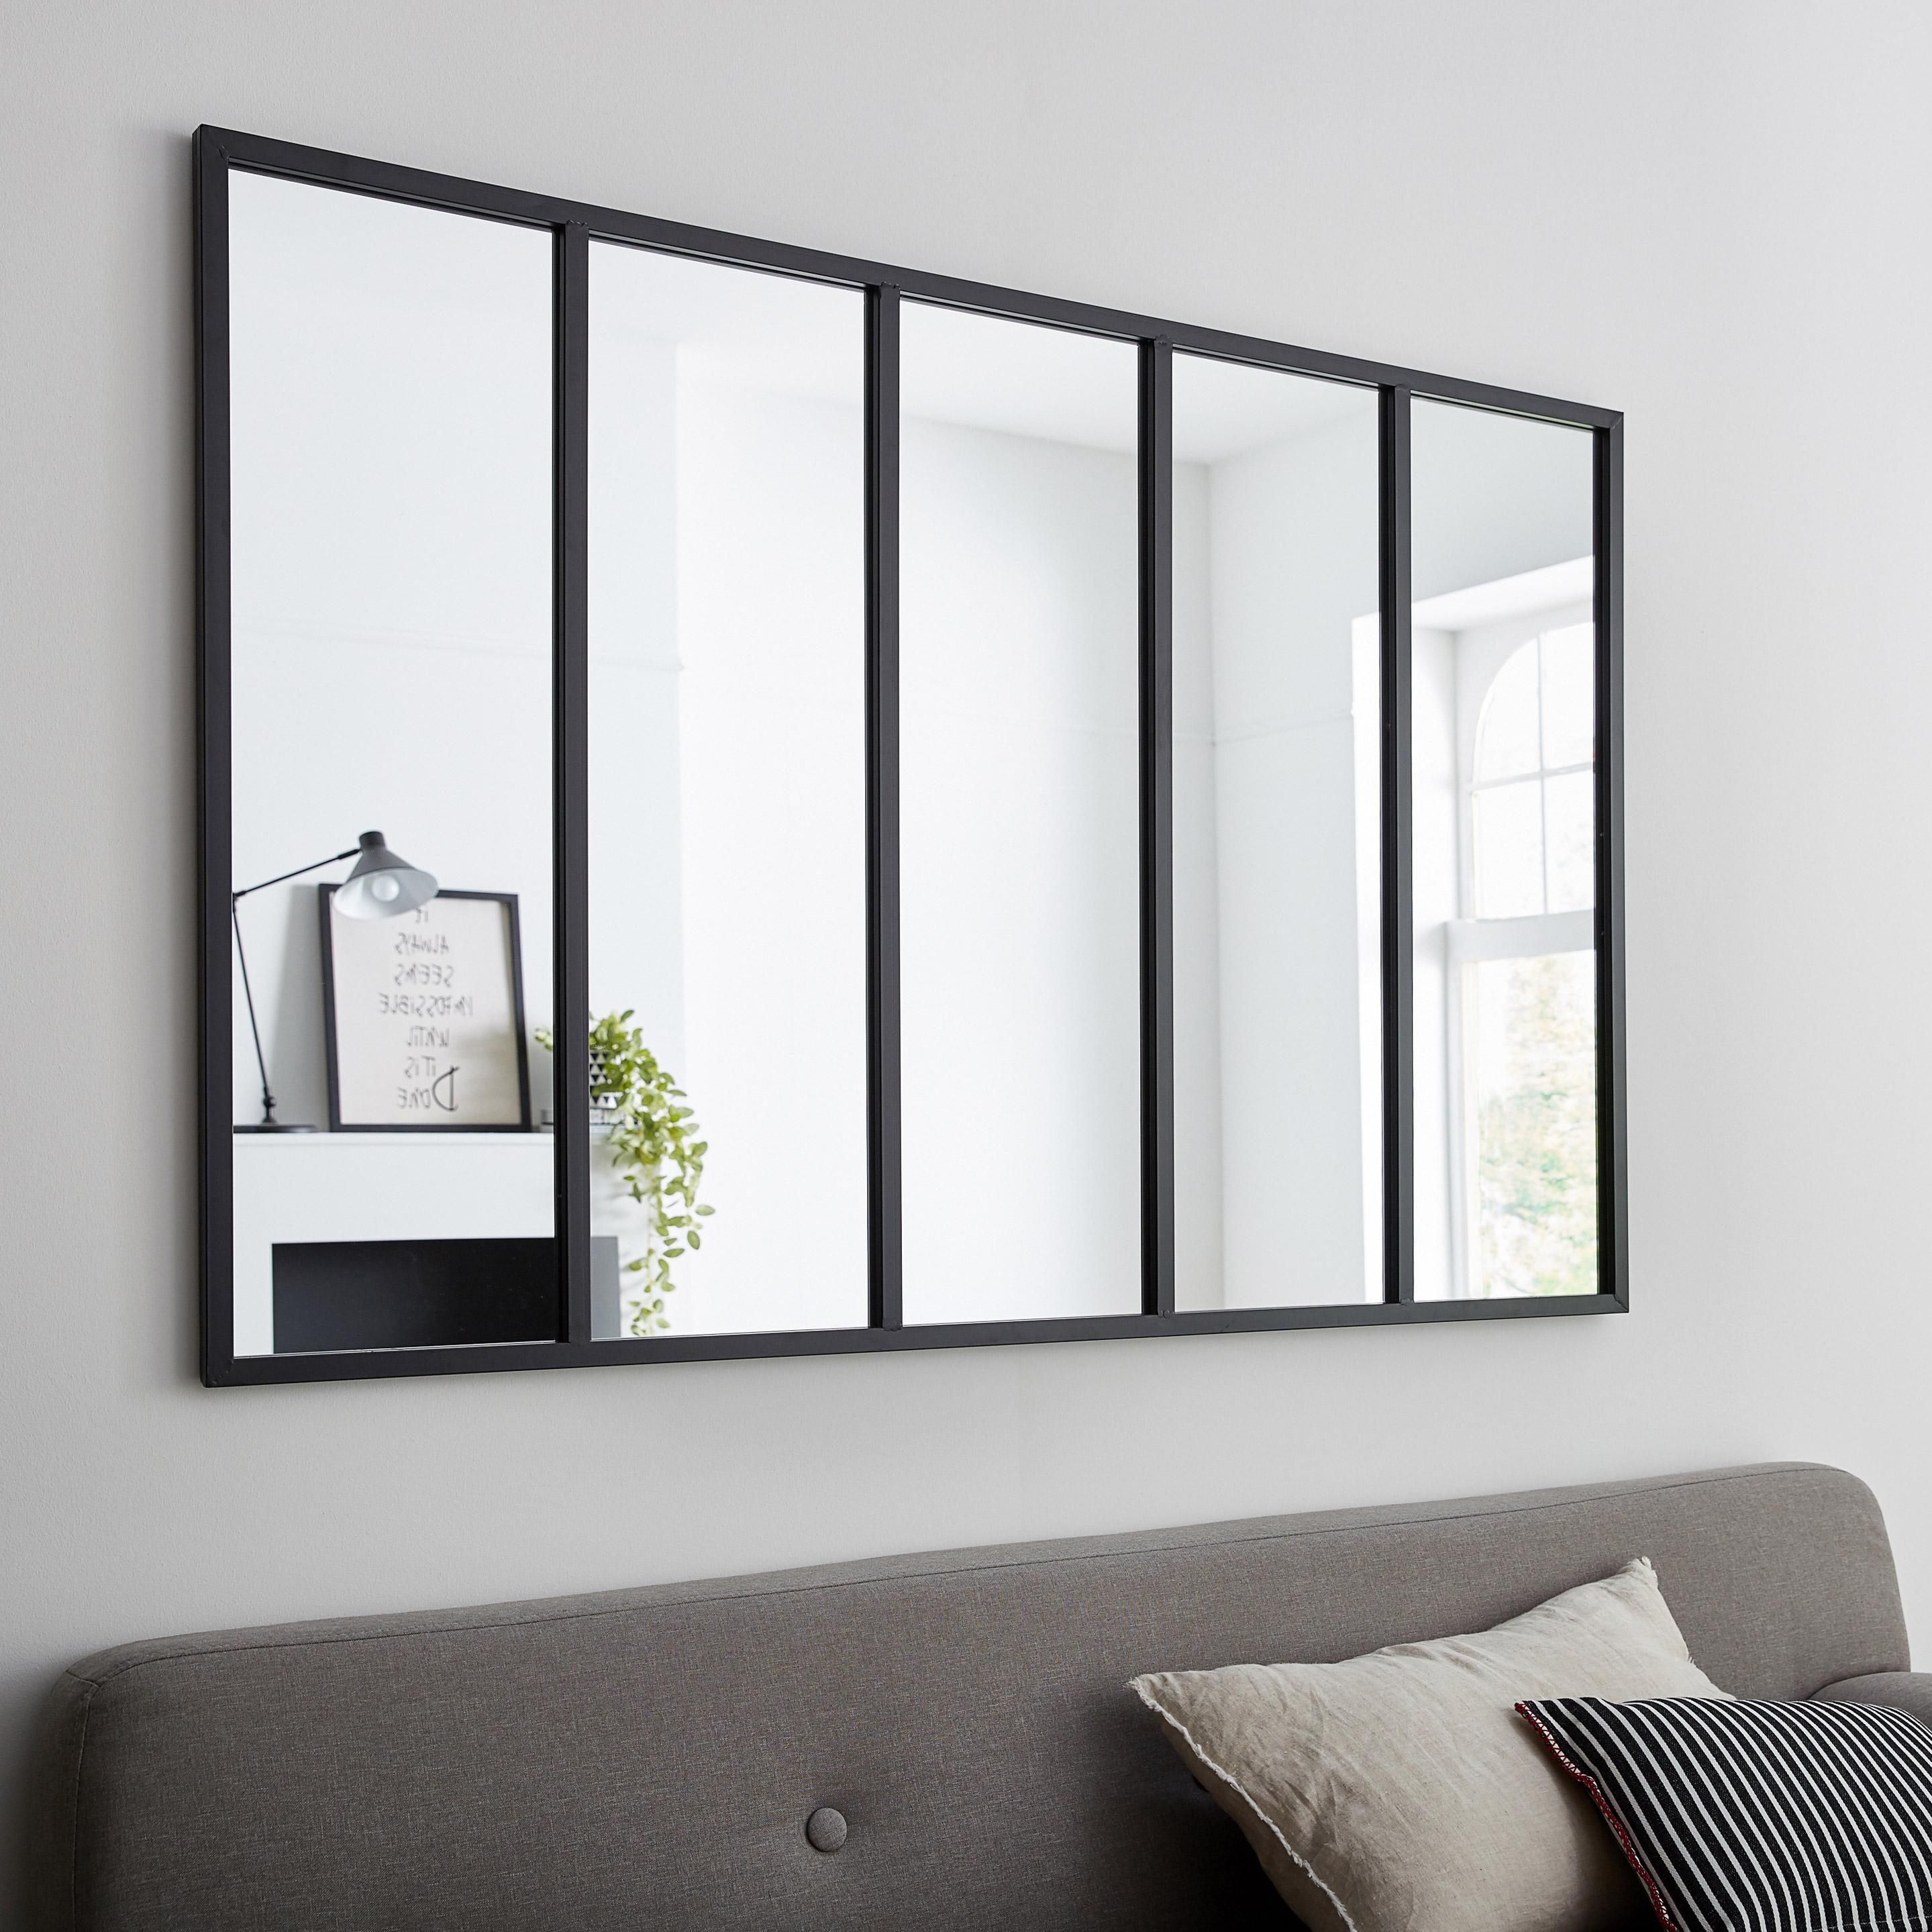 Miroir Rectangulaire Atelier Jardin Noir L 140 X H 90 Cm Leroy